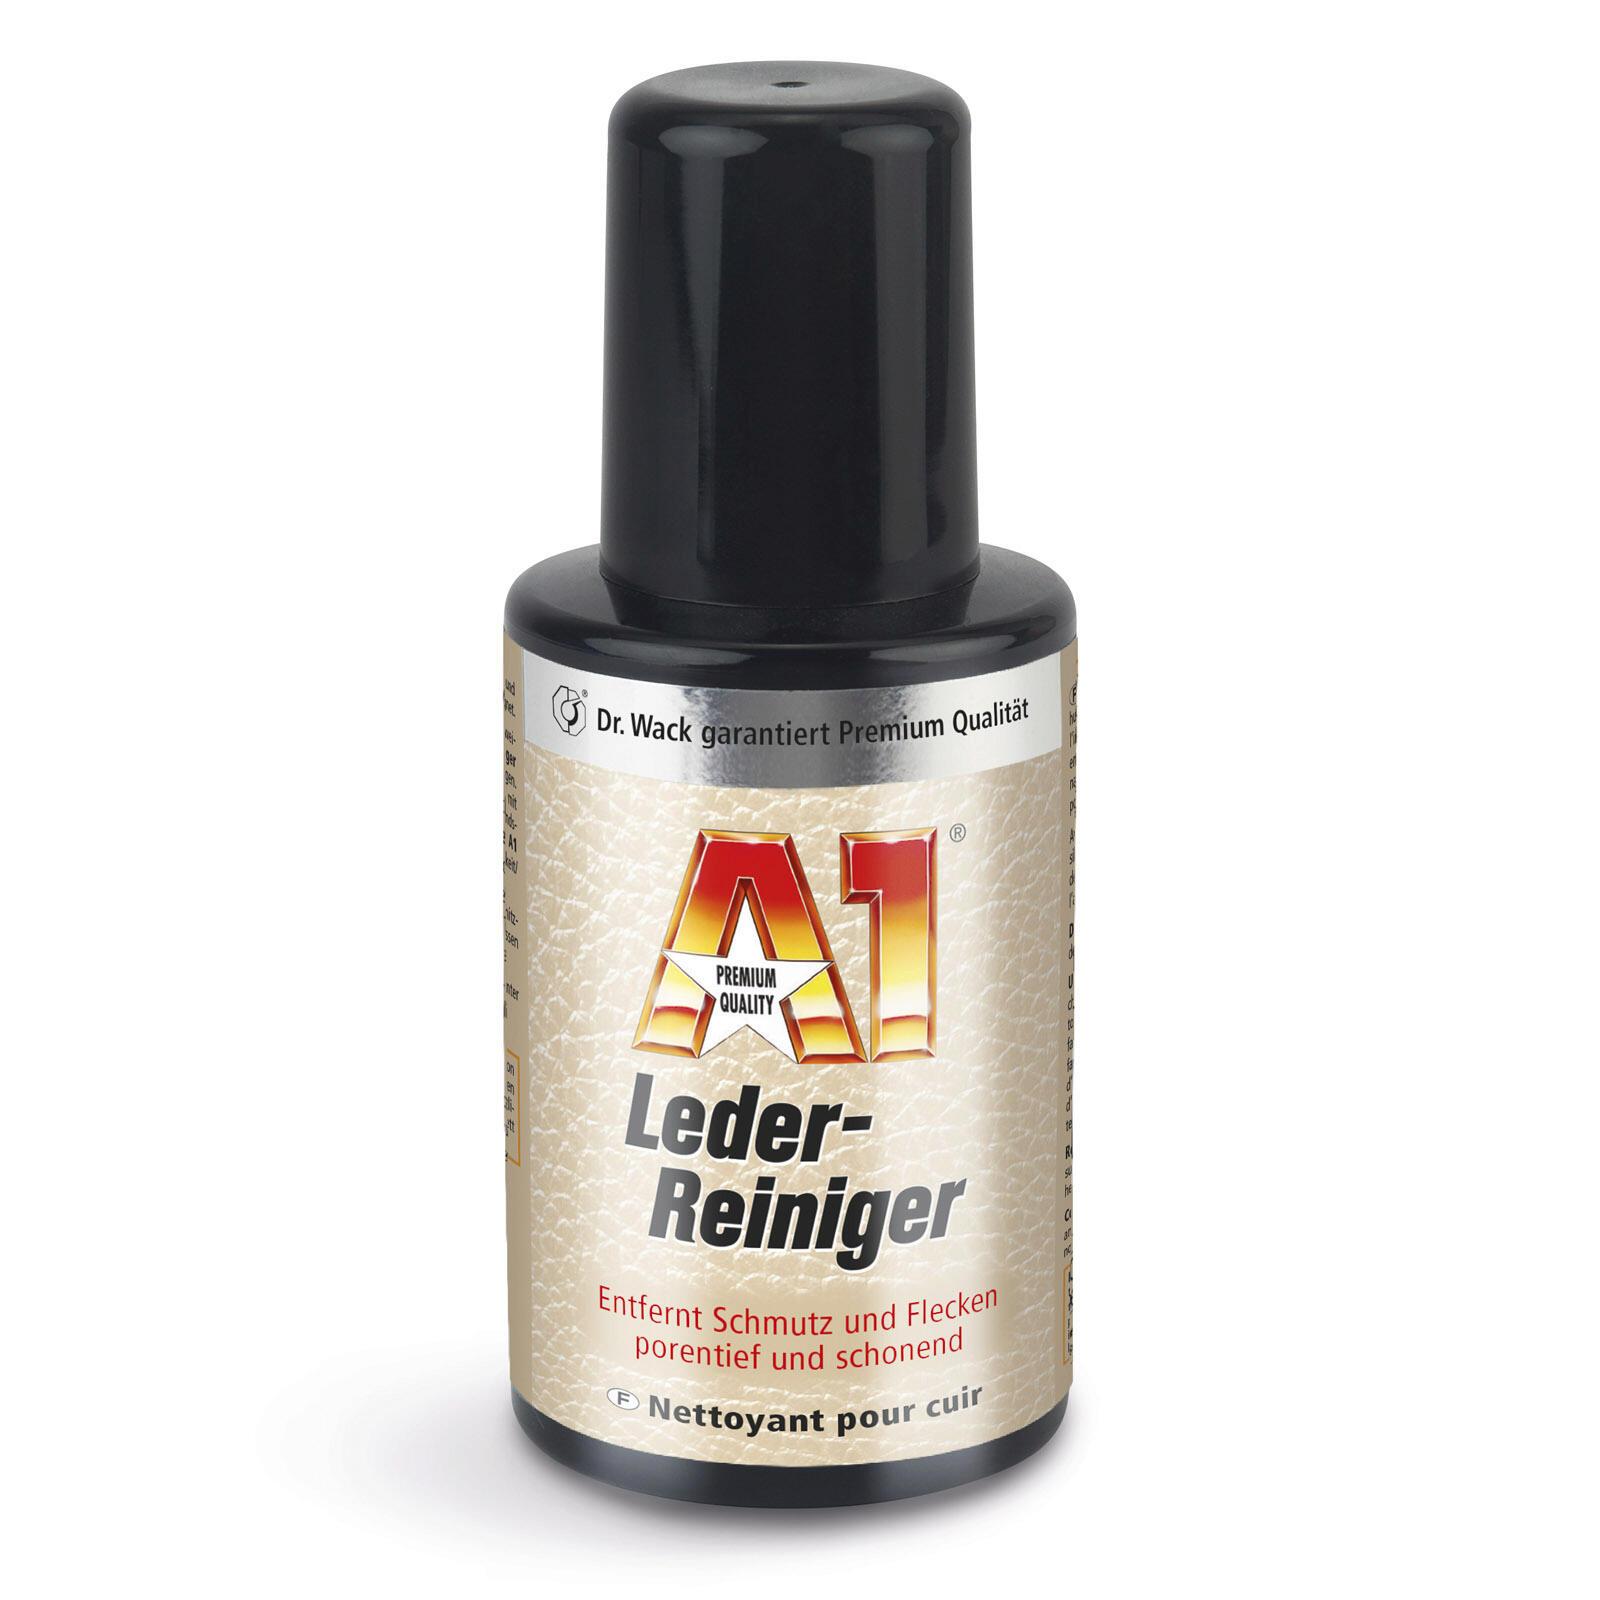 Dr. Wack A1 Lederreiniger 250 ML ATL porentiefe Reinigung ideal für helles Leder